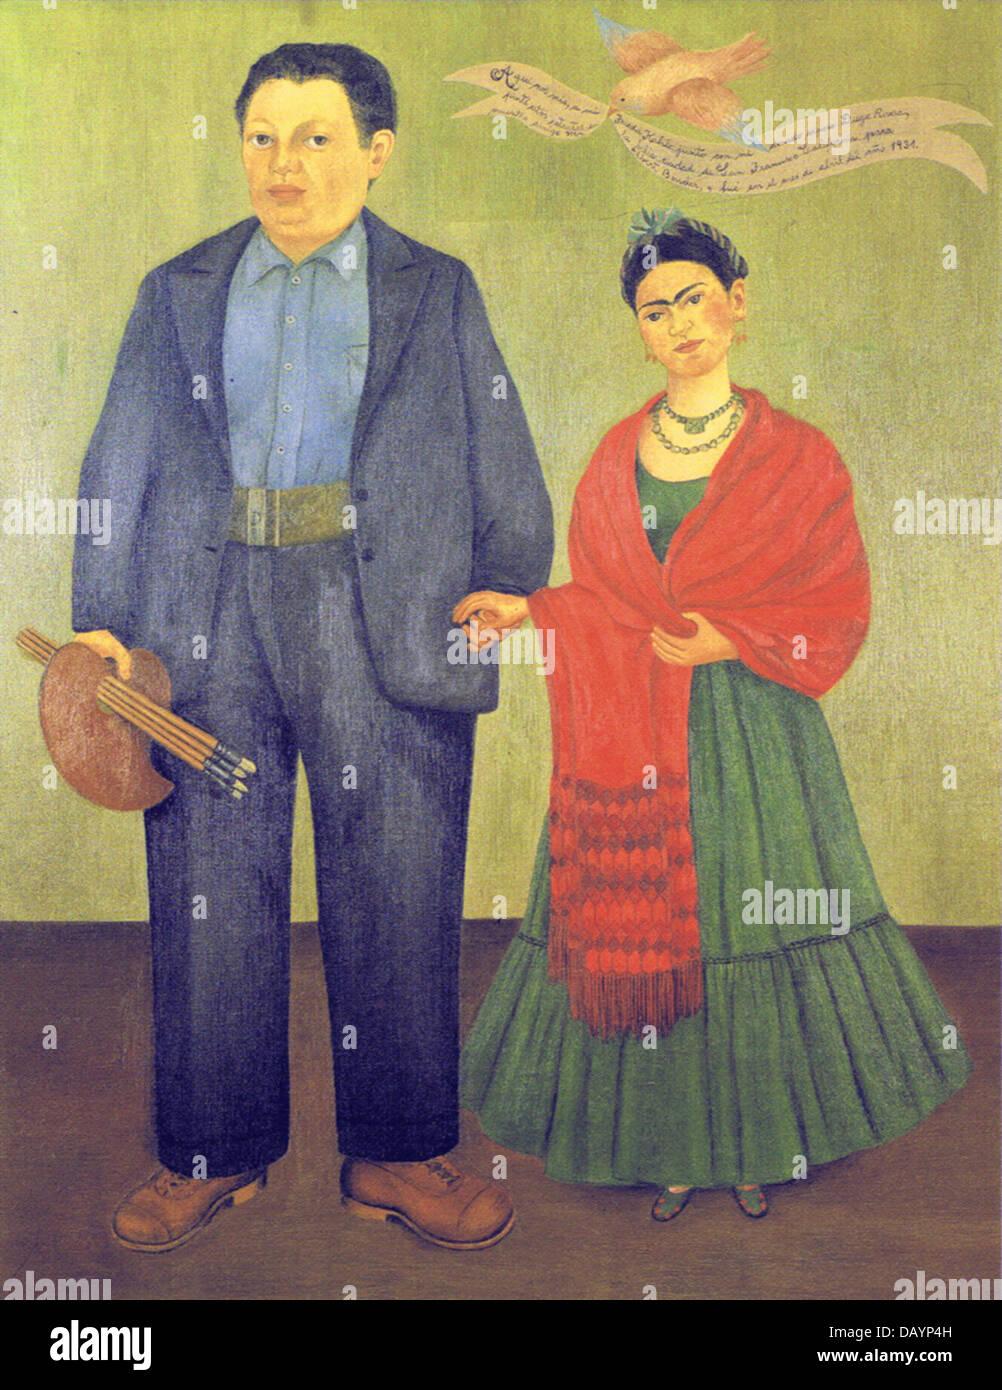 Frida Kahlo Frida Kahlo & Diego Rivera 1931 - Stock Image